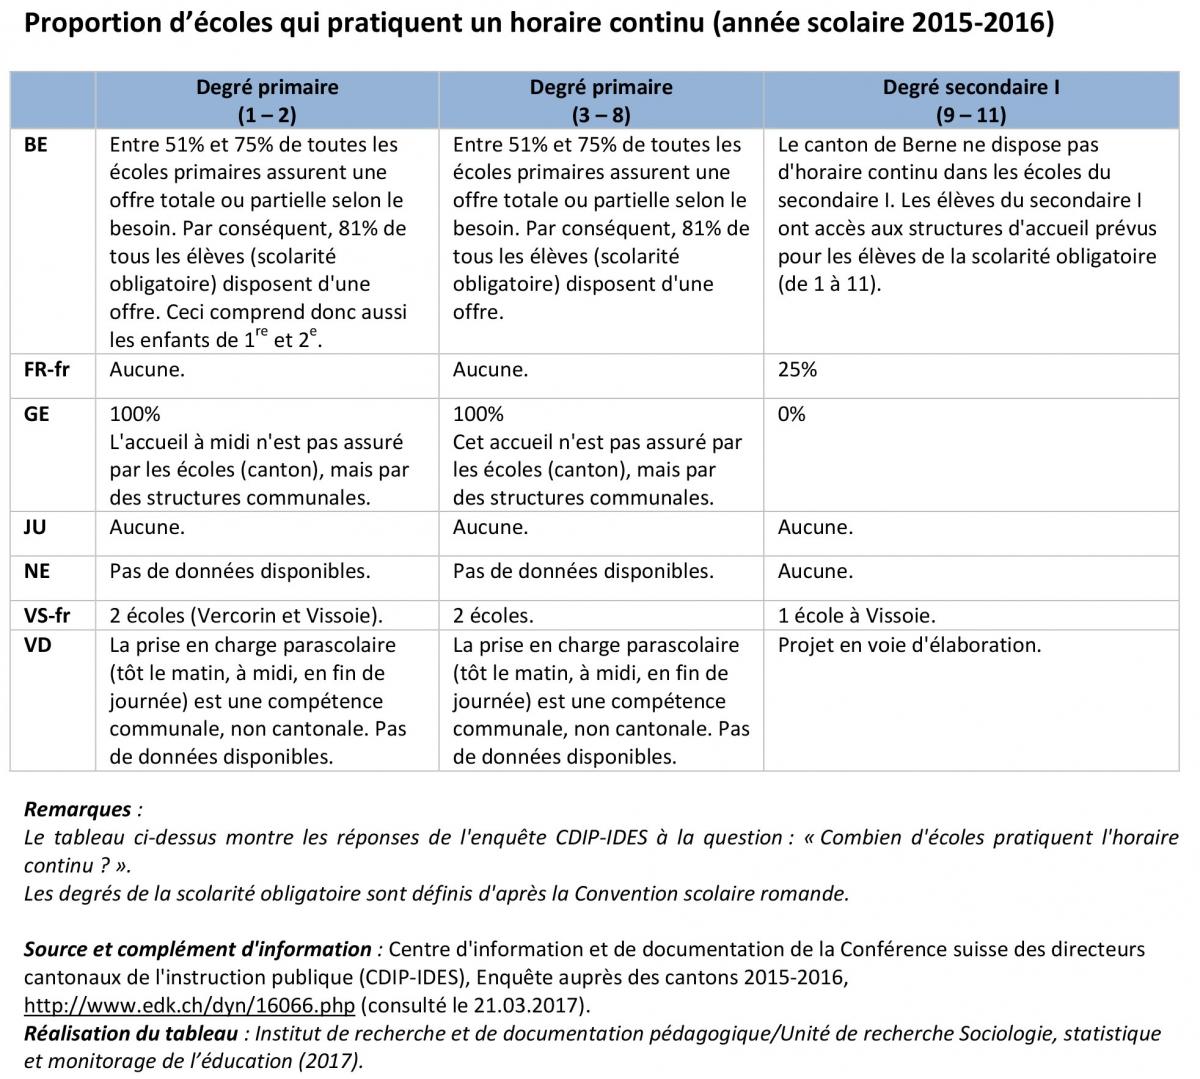 Horaire Continu Irdp Institut De Recherche Et De Documentation Pedagogique